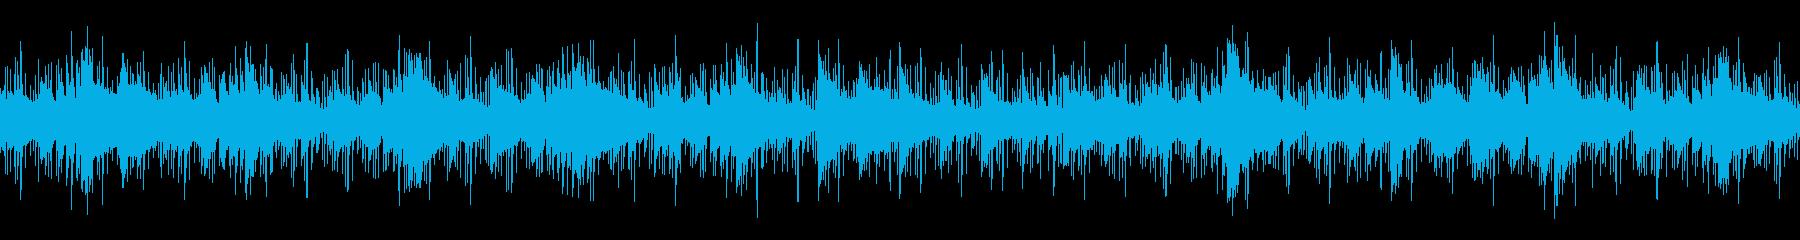 動画 エレキギター シンセサイザー...の再生済みの波形